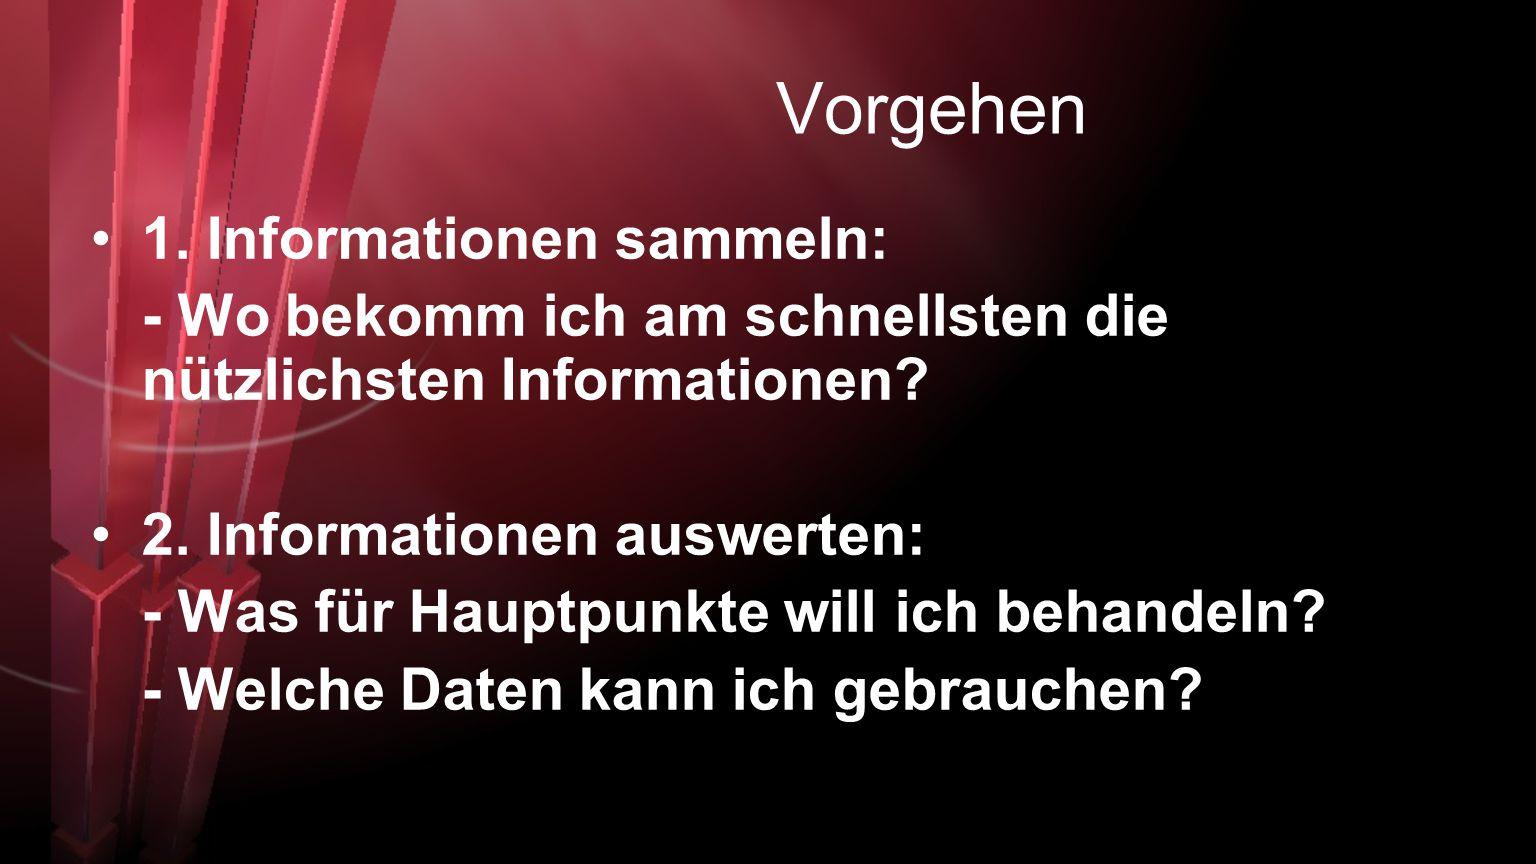 Vorgehen 1. Informationen sammeln: